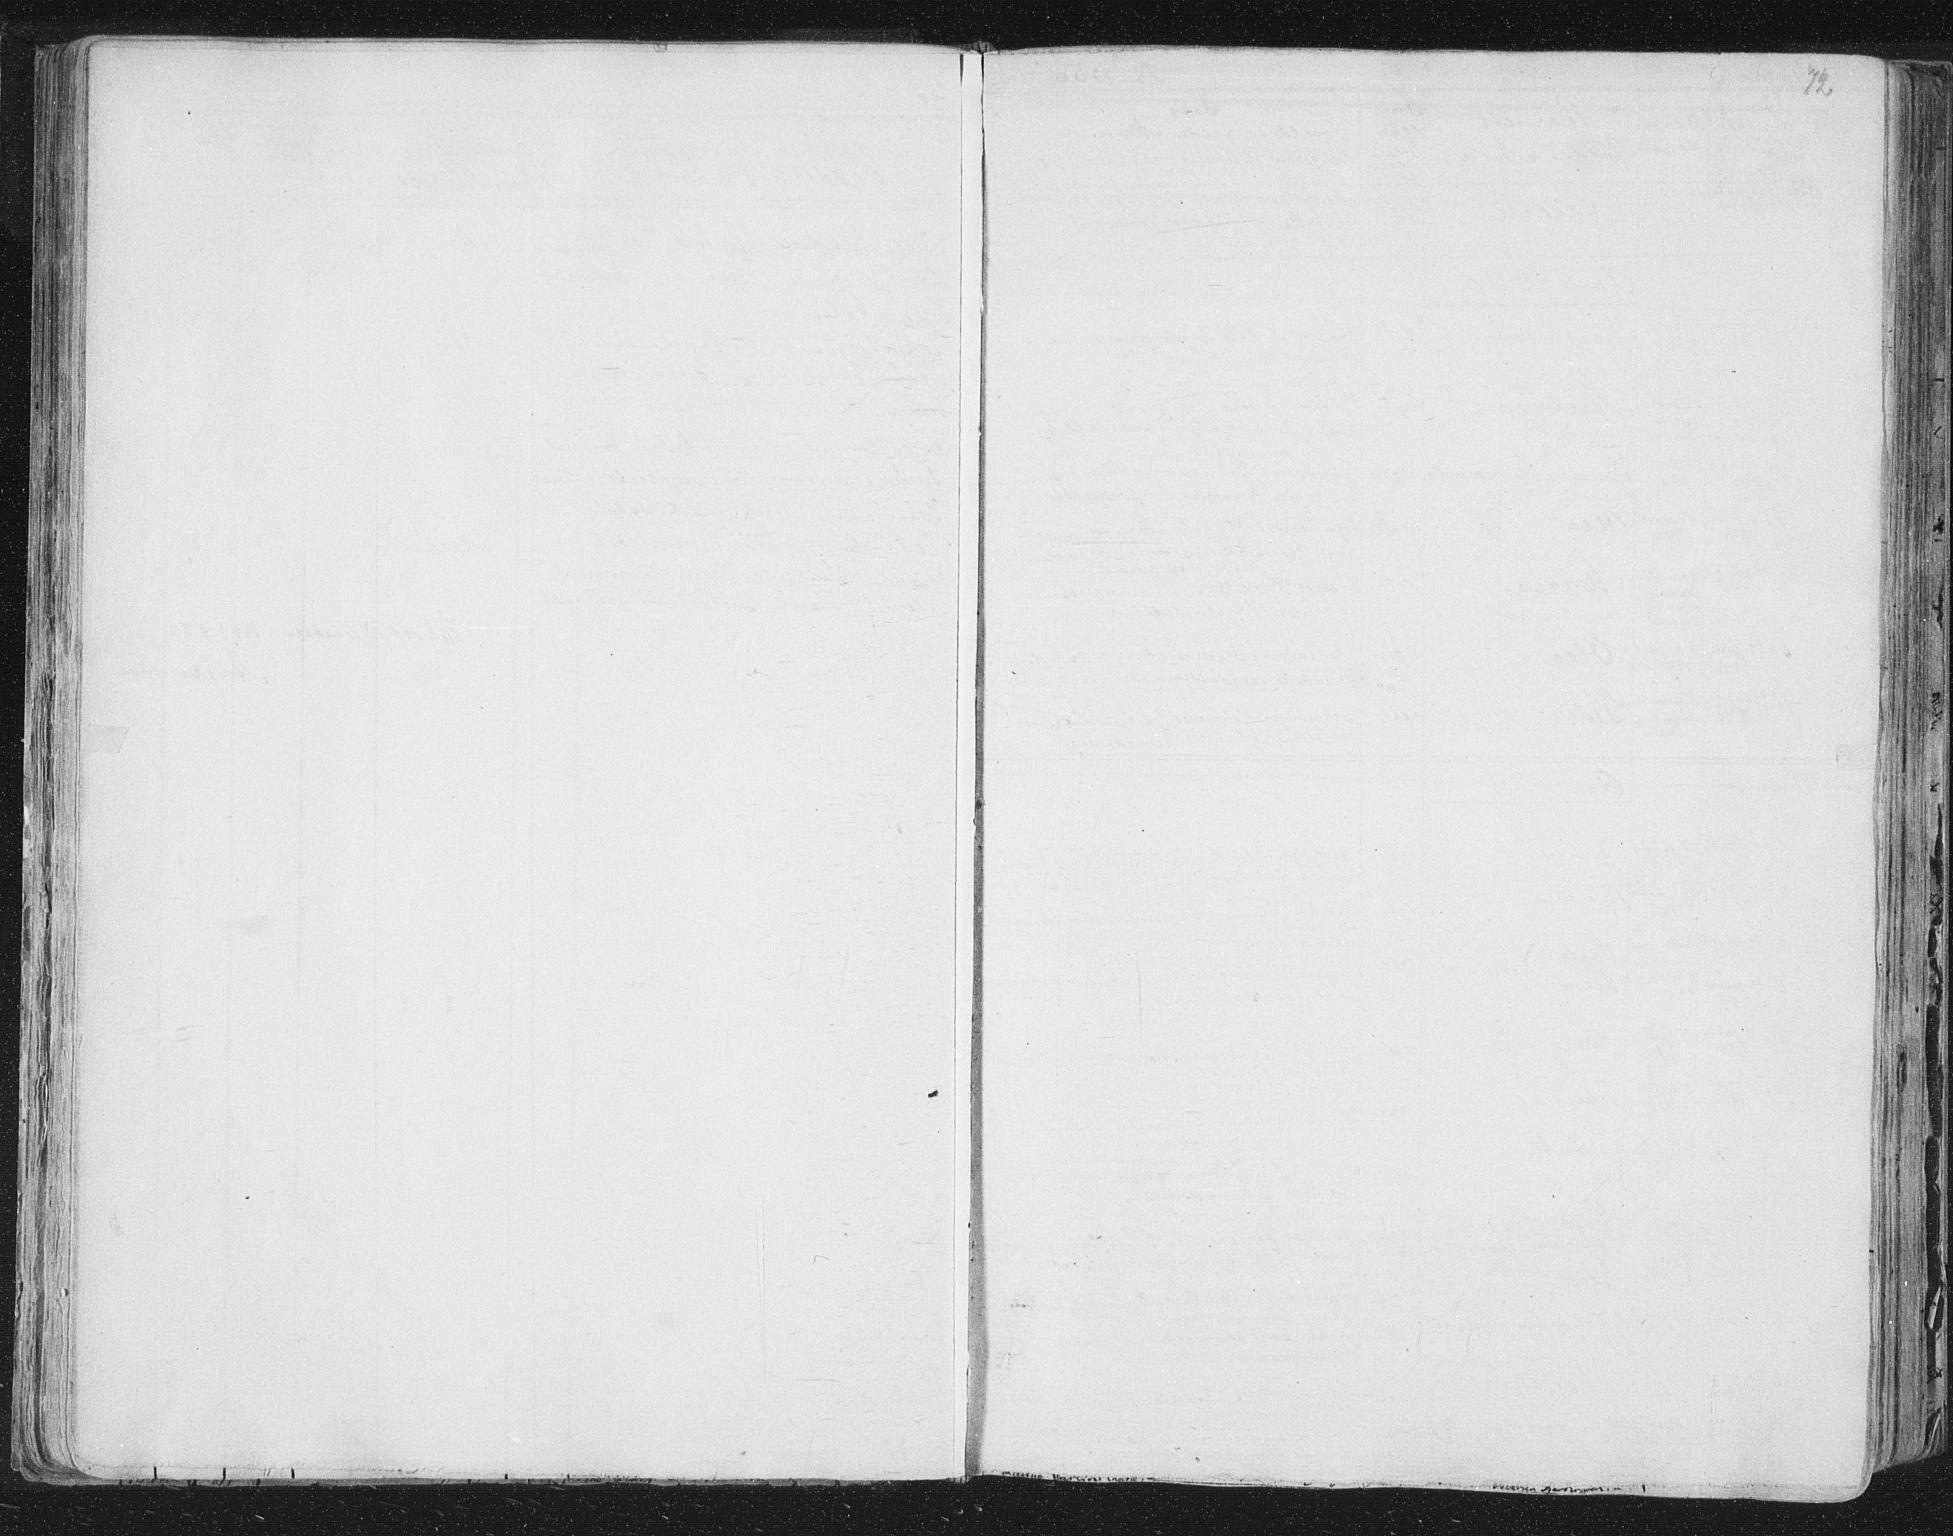 SAT, Ministerialprotokoller, klokkerbøker og fødselsregistre - Nord-Trøndelag, 758/L0513: Ministerialbok nr. 758A02 /2, 1839-1868, s. 72